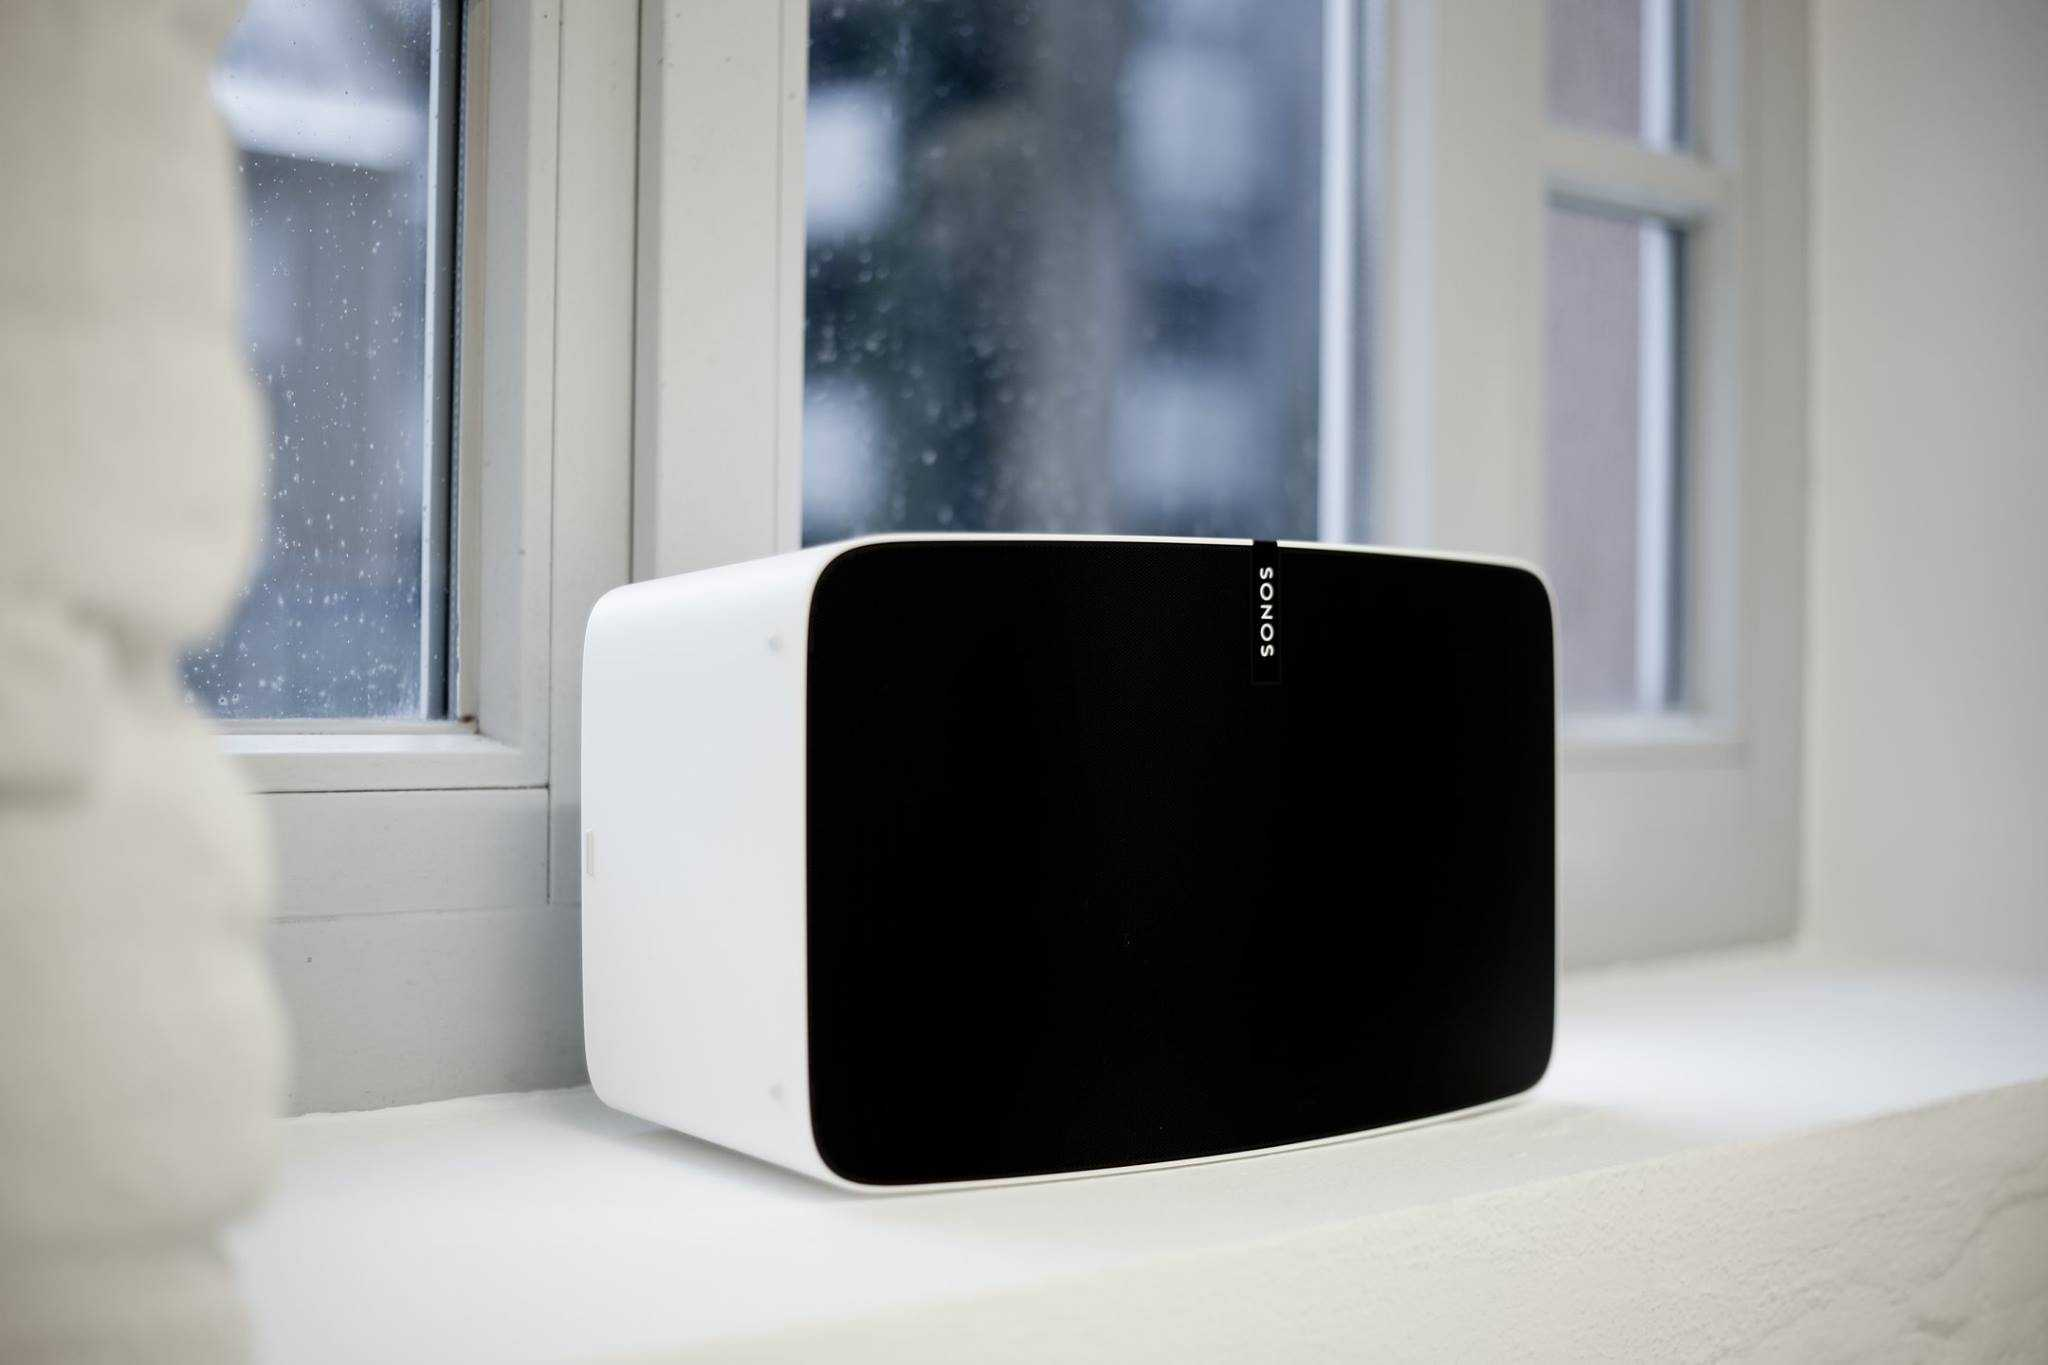 Foto von dem Sonos-Lautsprecher im Fotostudio